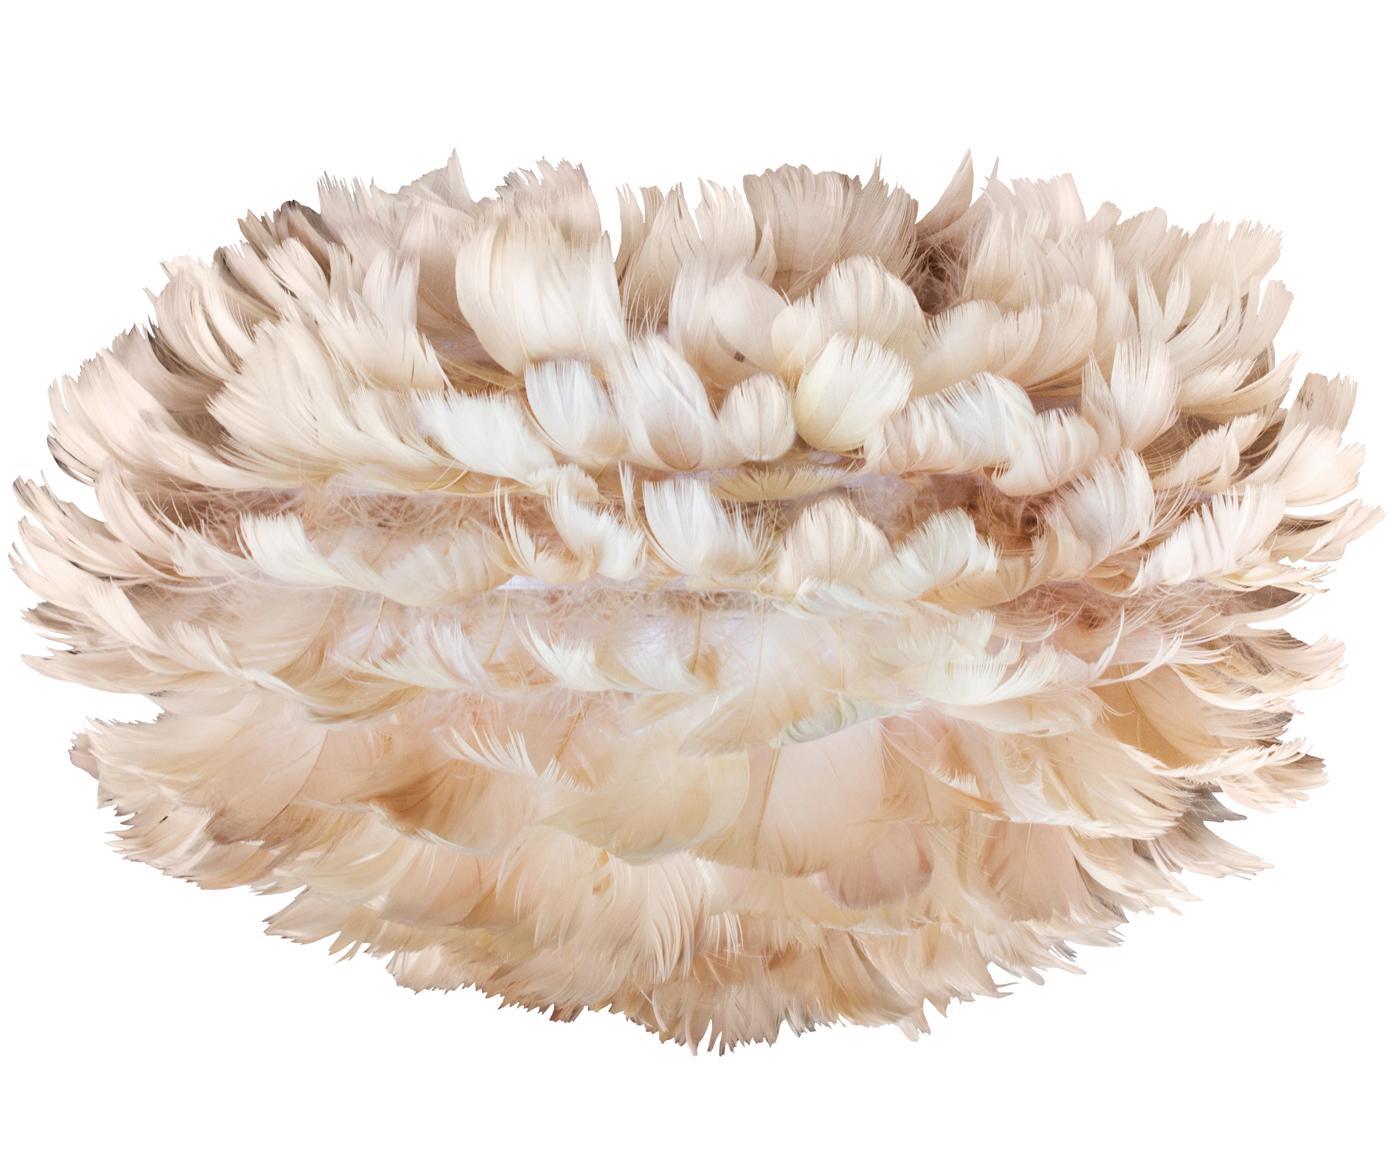 Klosz Eos, Pióra gęsie, stal, Jasny brązowy, Ø 35 x W 20 cm